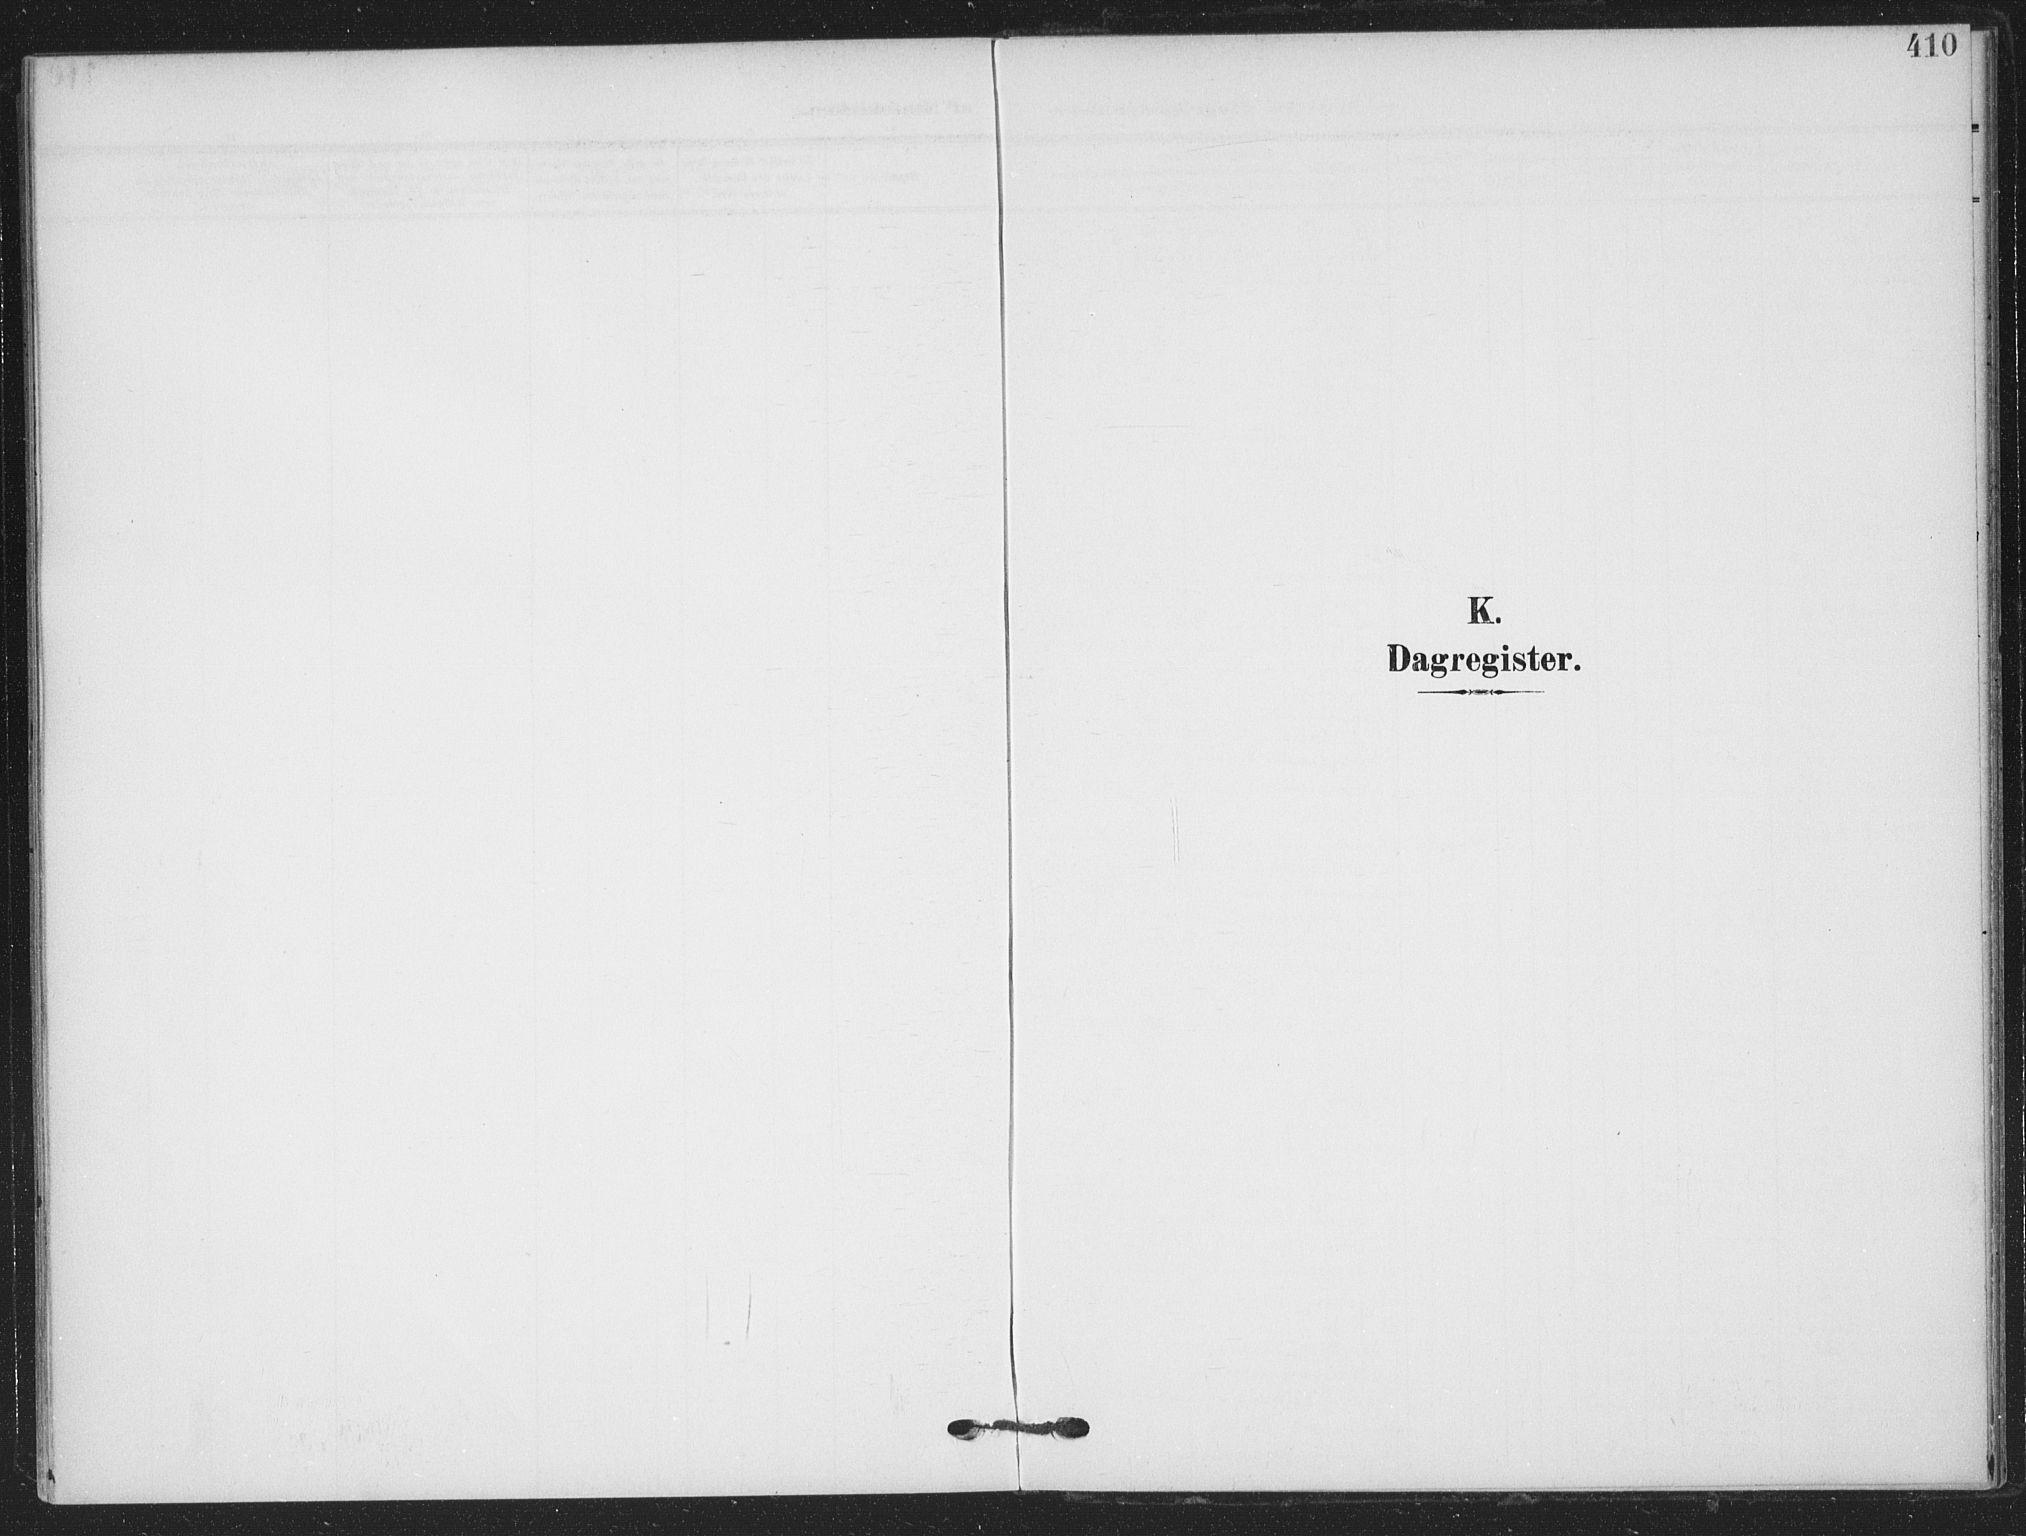 SAKO, Skien kirkebøker, F/Fa/L0012: Ministerialbok nr. 12, 1908-1914, s. 410